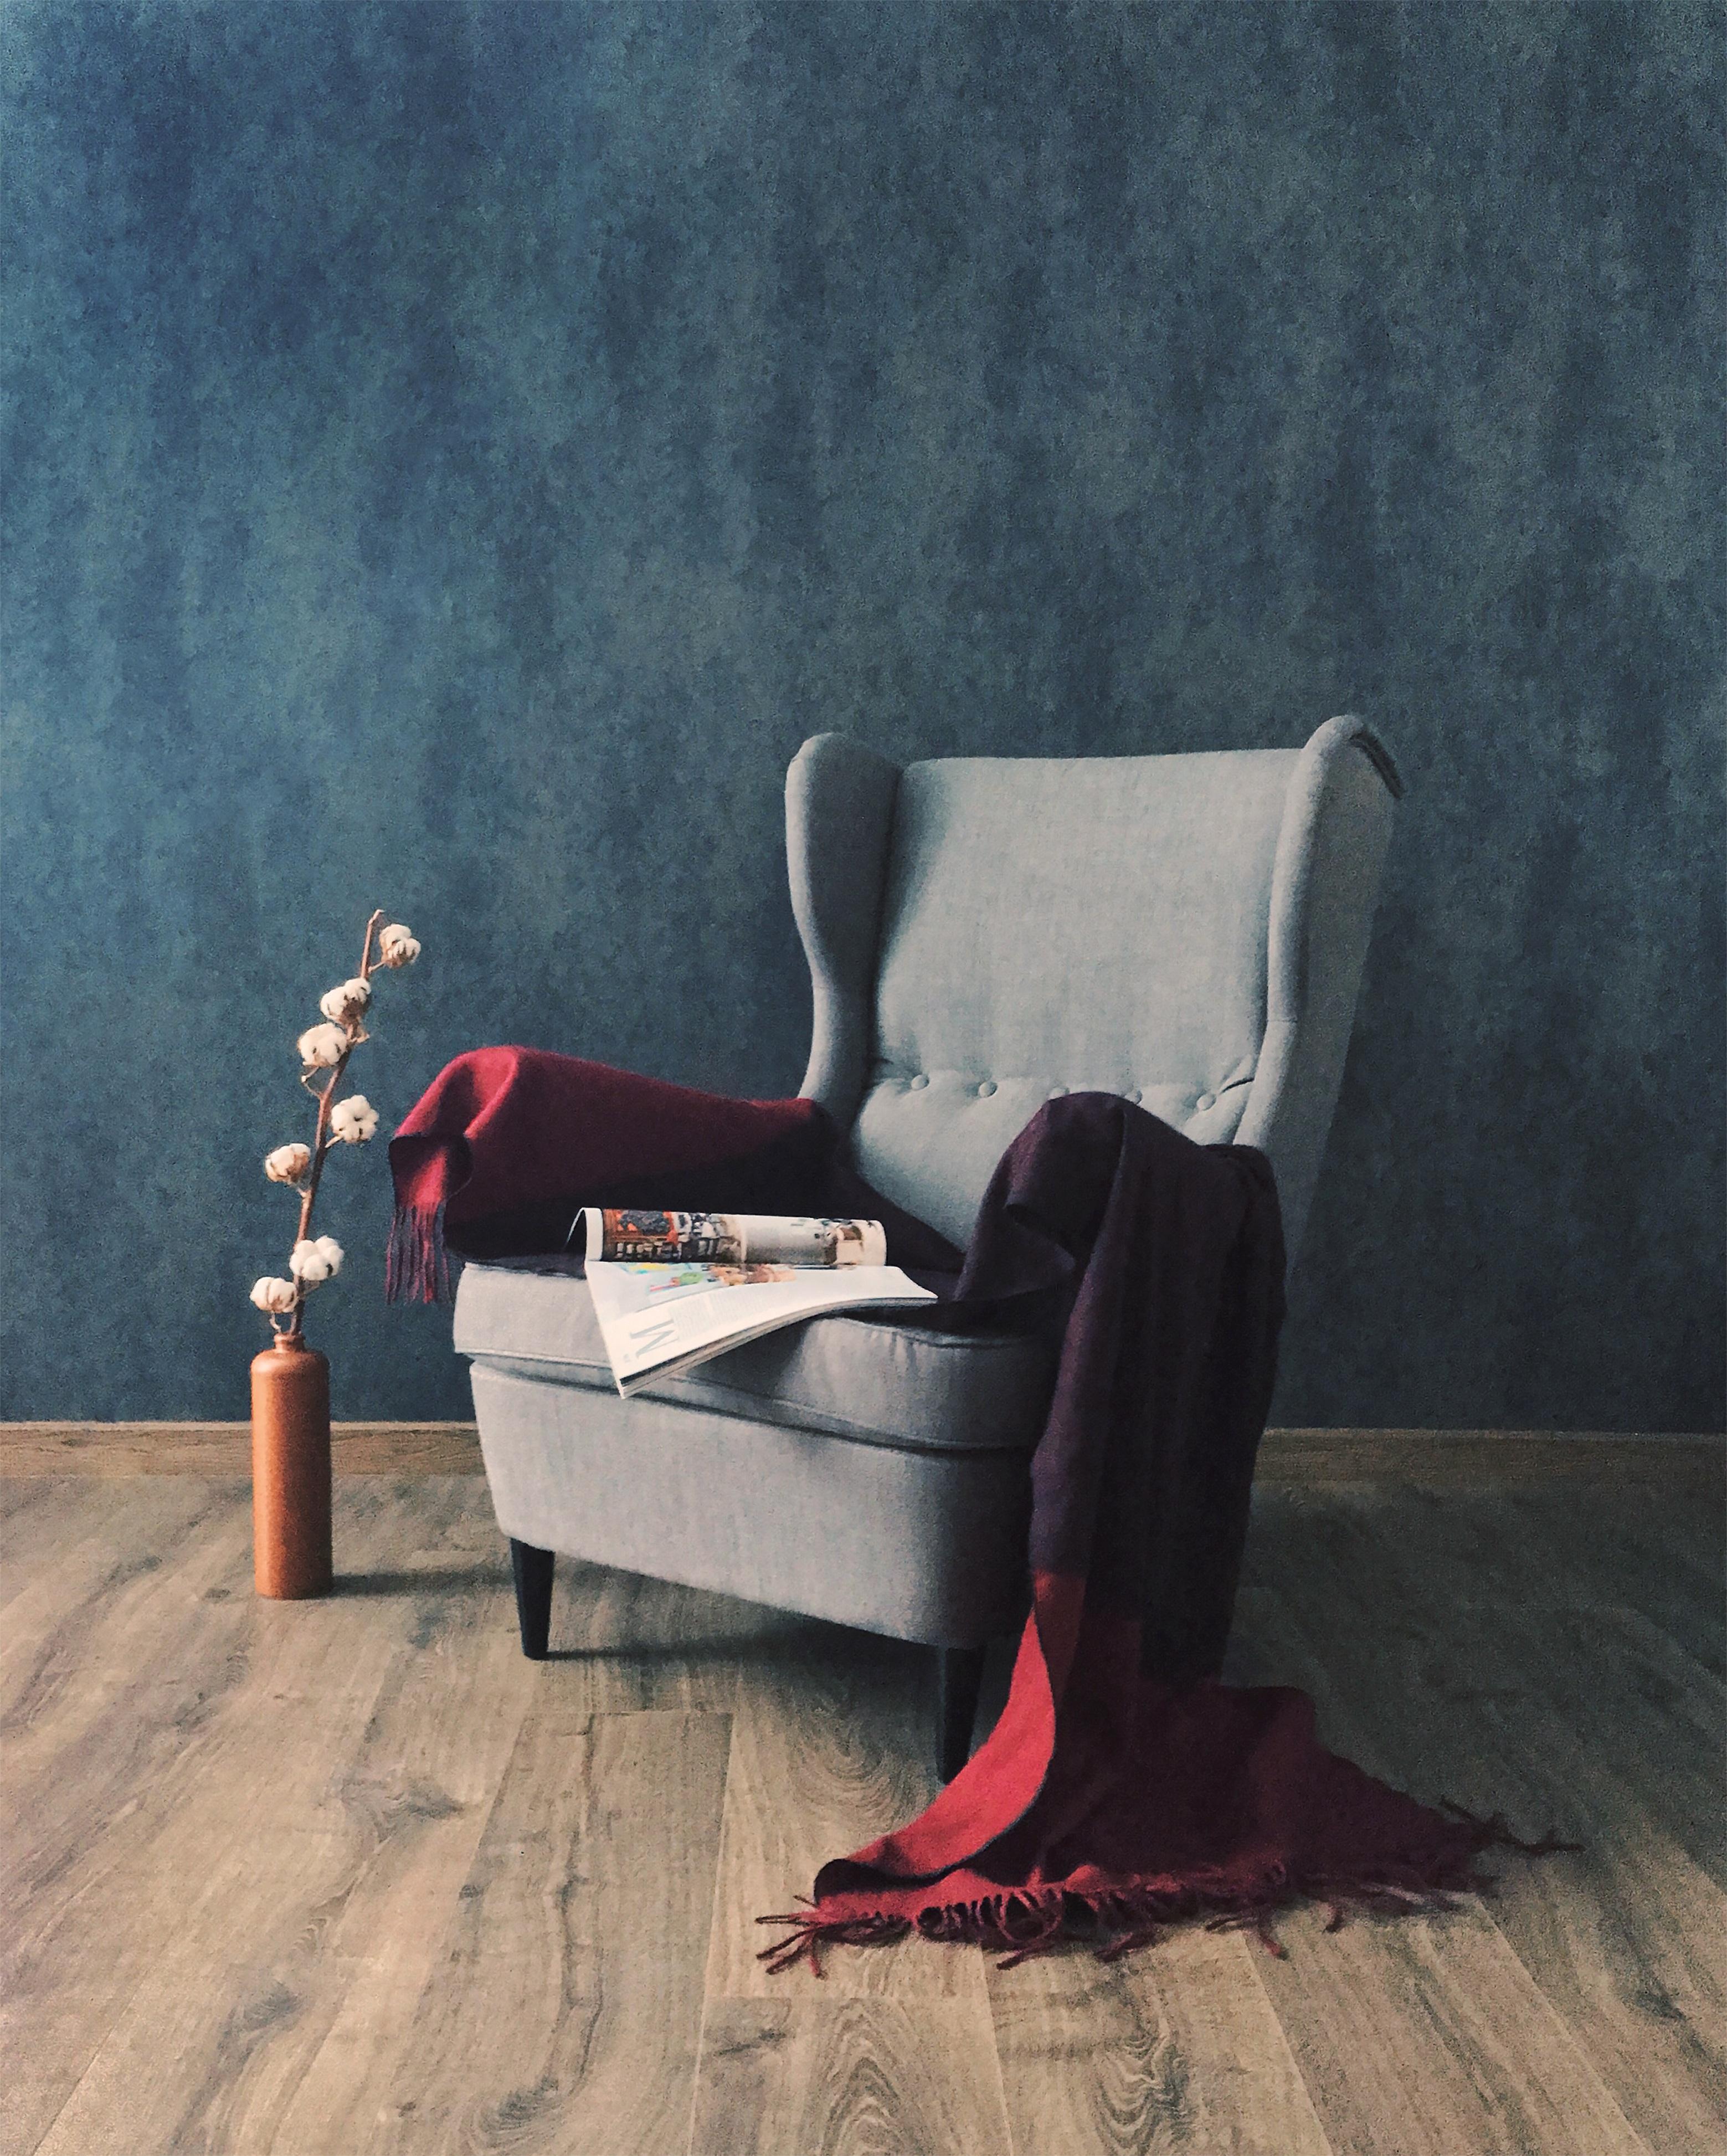 Fotoğraf Ağaç Ev Sandalye Zemin Iç Duvar Rustik Kırmızı